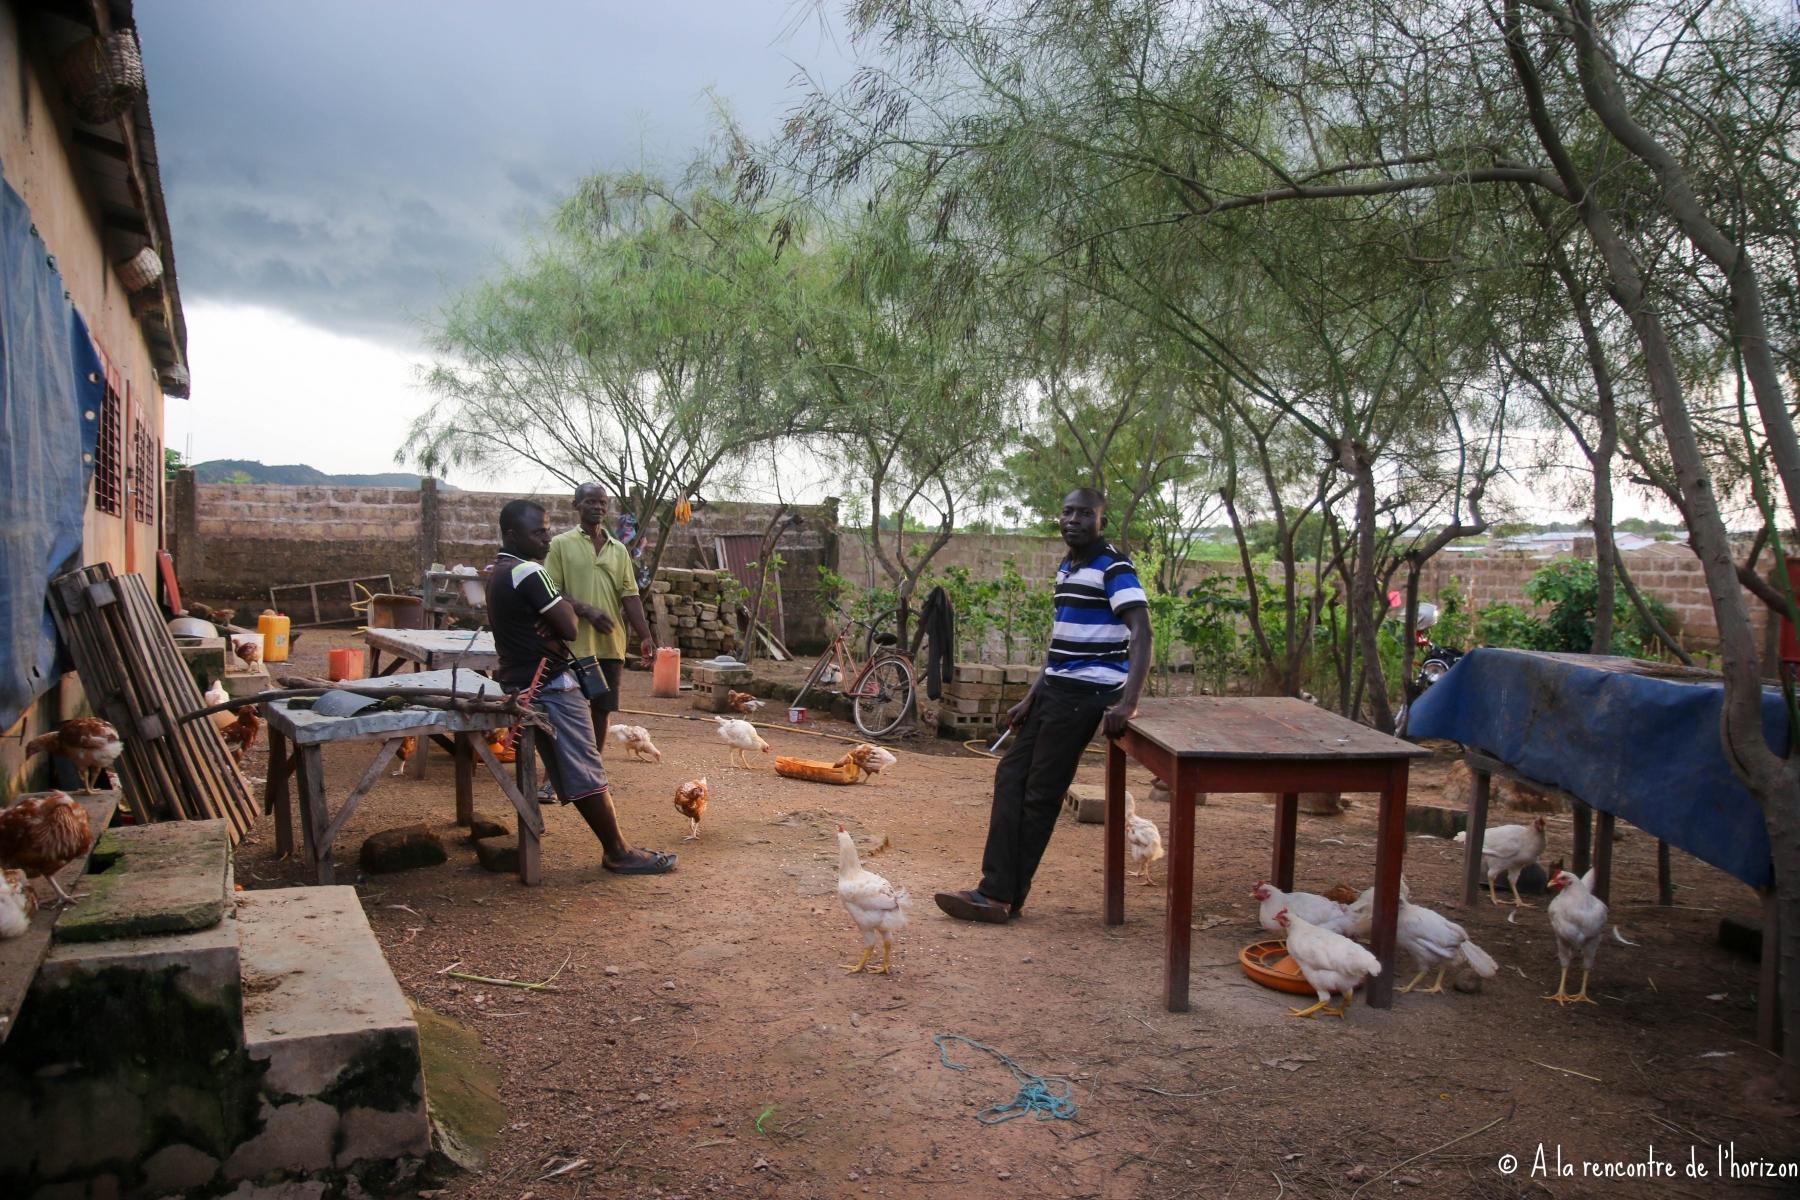 BENIN - FERME AVICOLE DE L'ONG JURA AFRIQUE